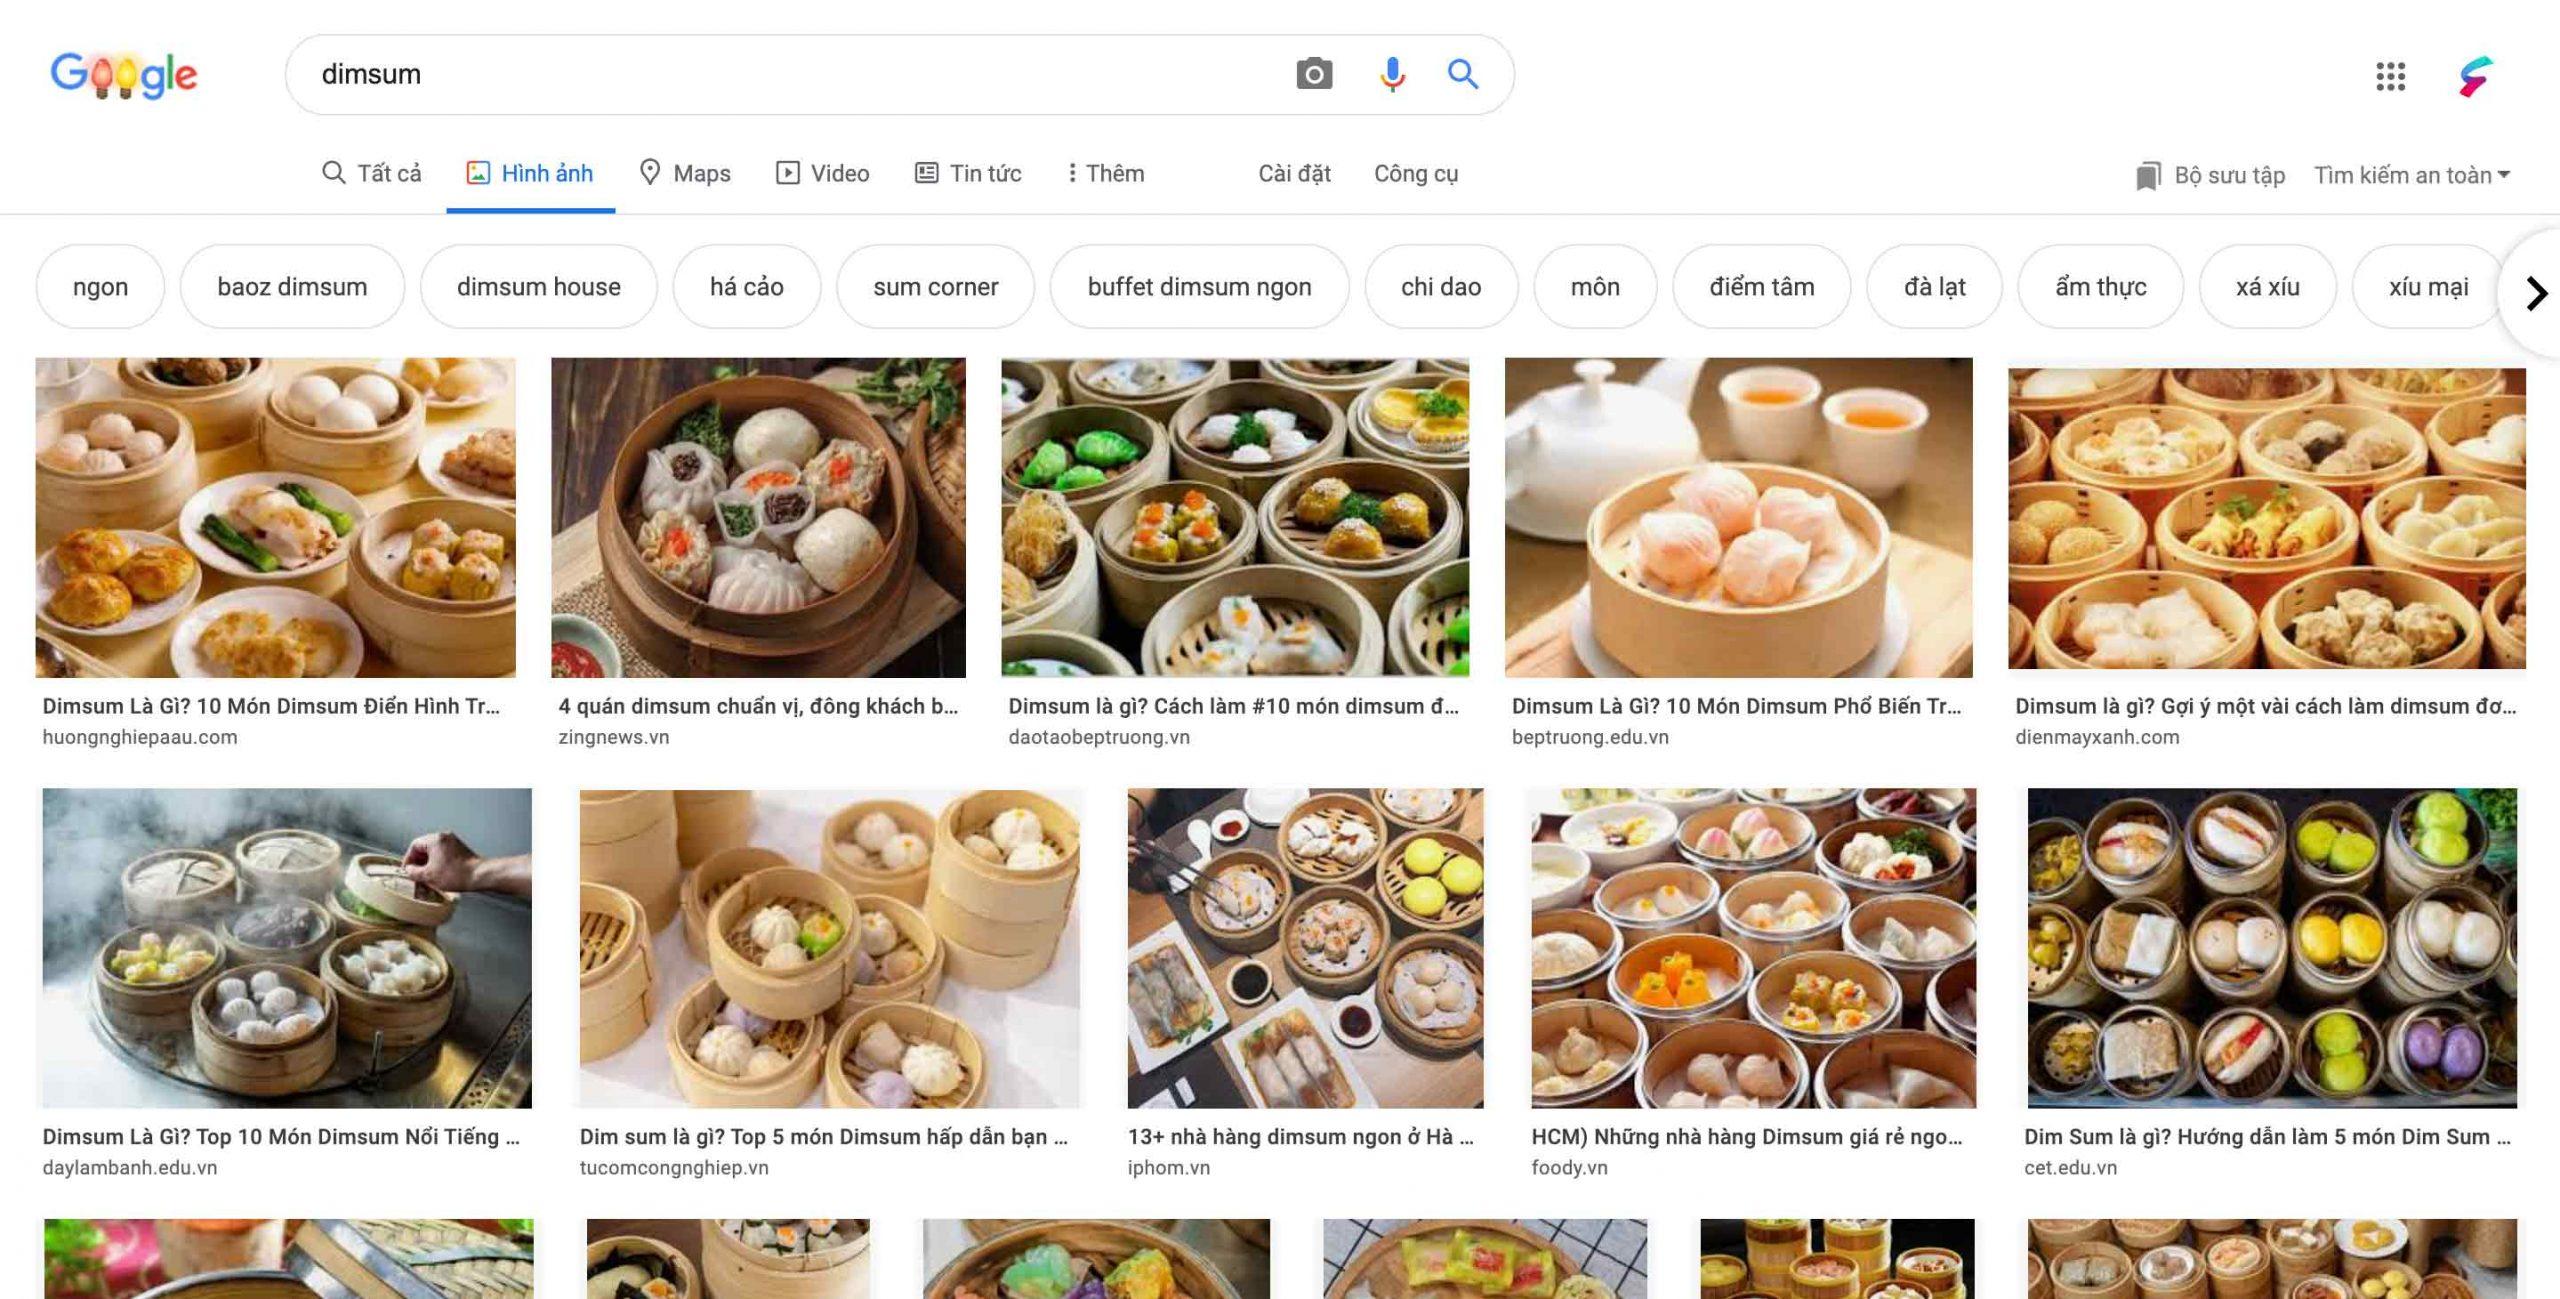 Hình ảnh dimsum trên google